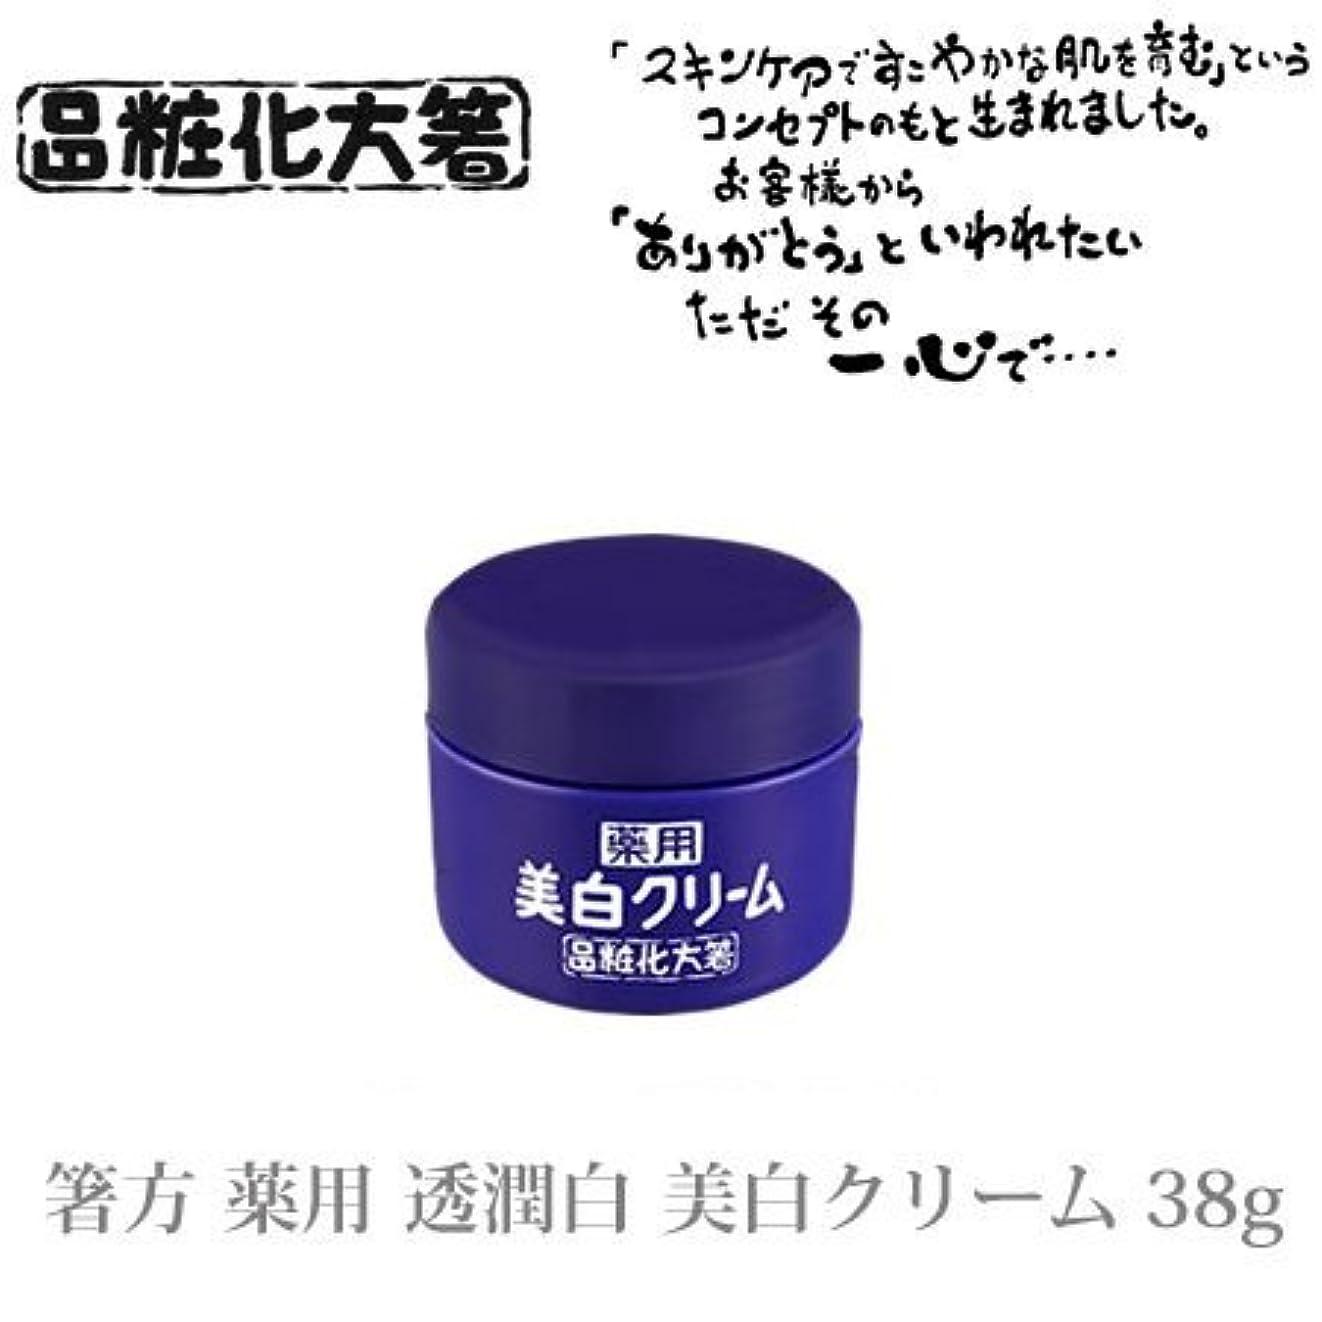 道徳起きて困惑箸方化粧品 薬用 透潤白 美白クリーム 38g はしかた化粧品